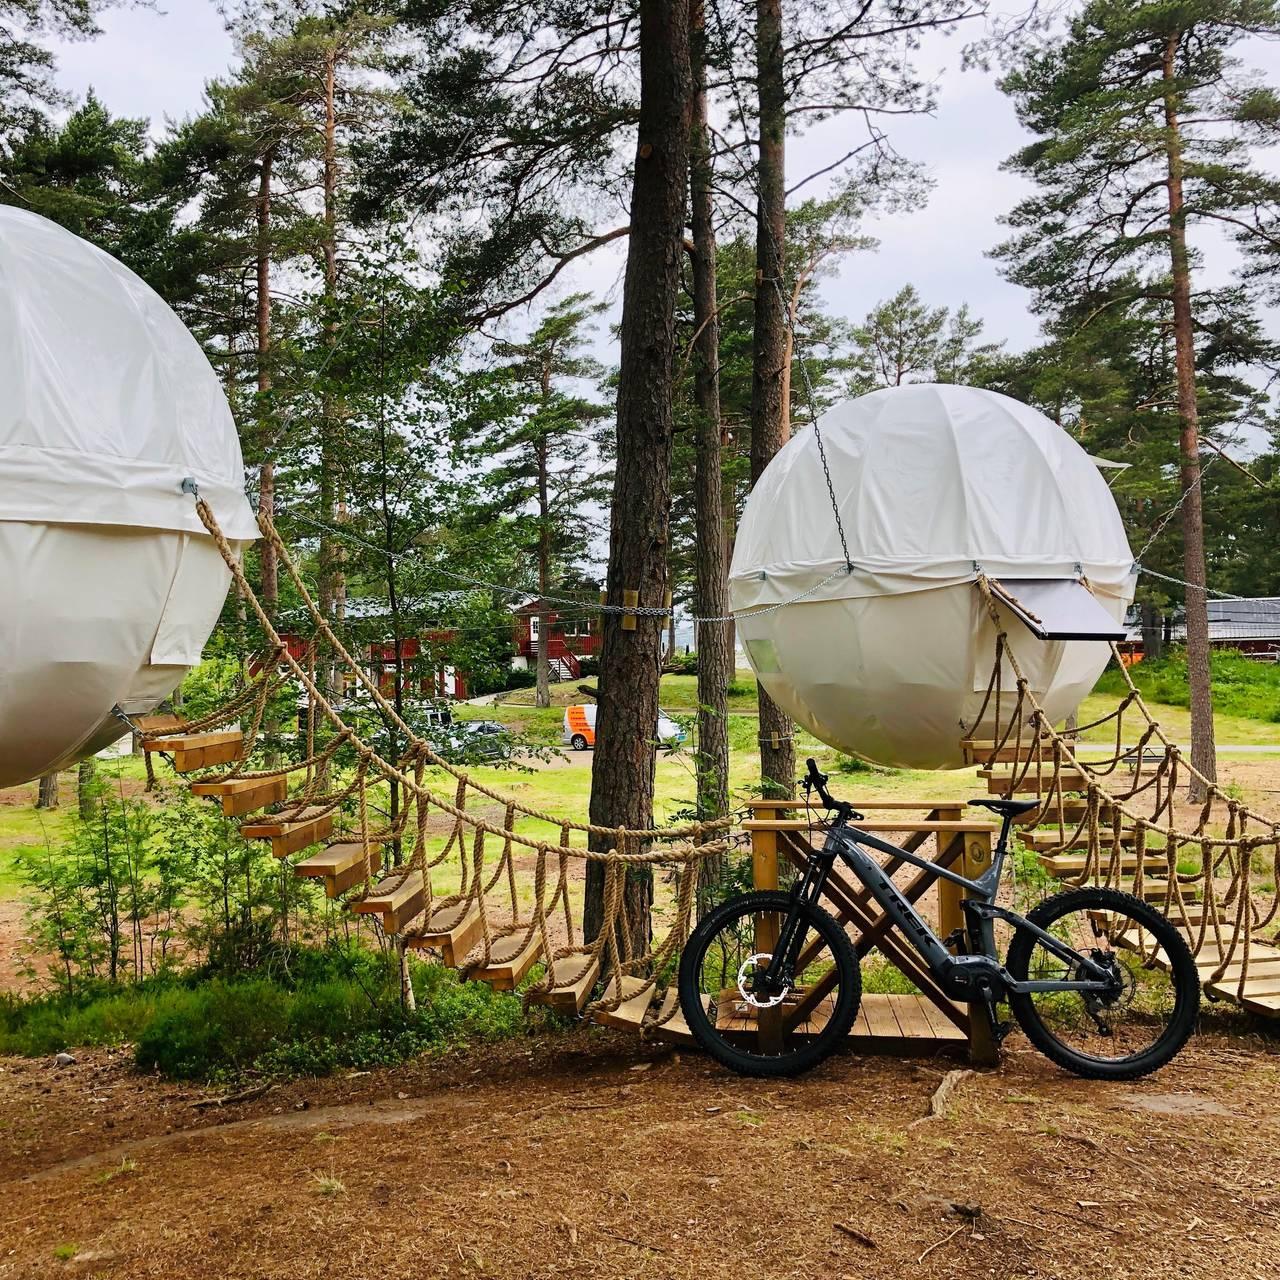 På glampingferie i Hove, Arendal så kan du sove i kuletelt oppe i trærne.